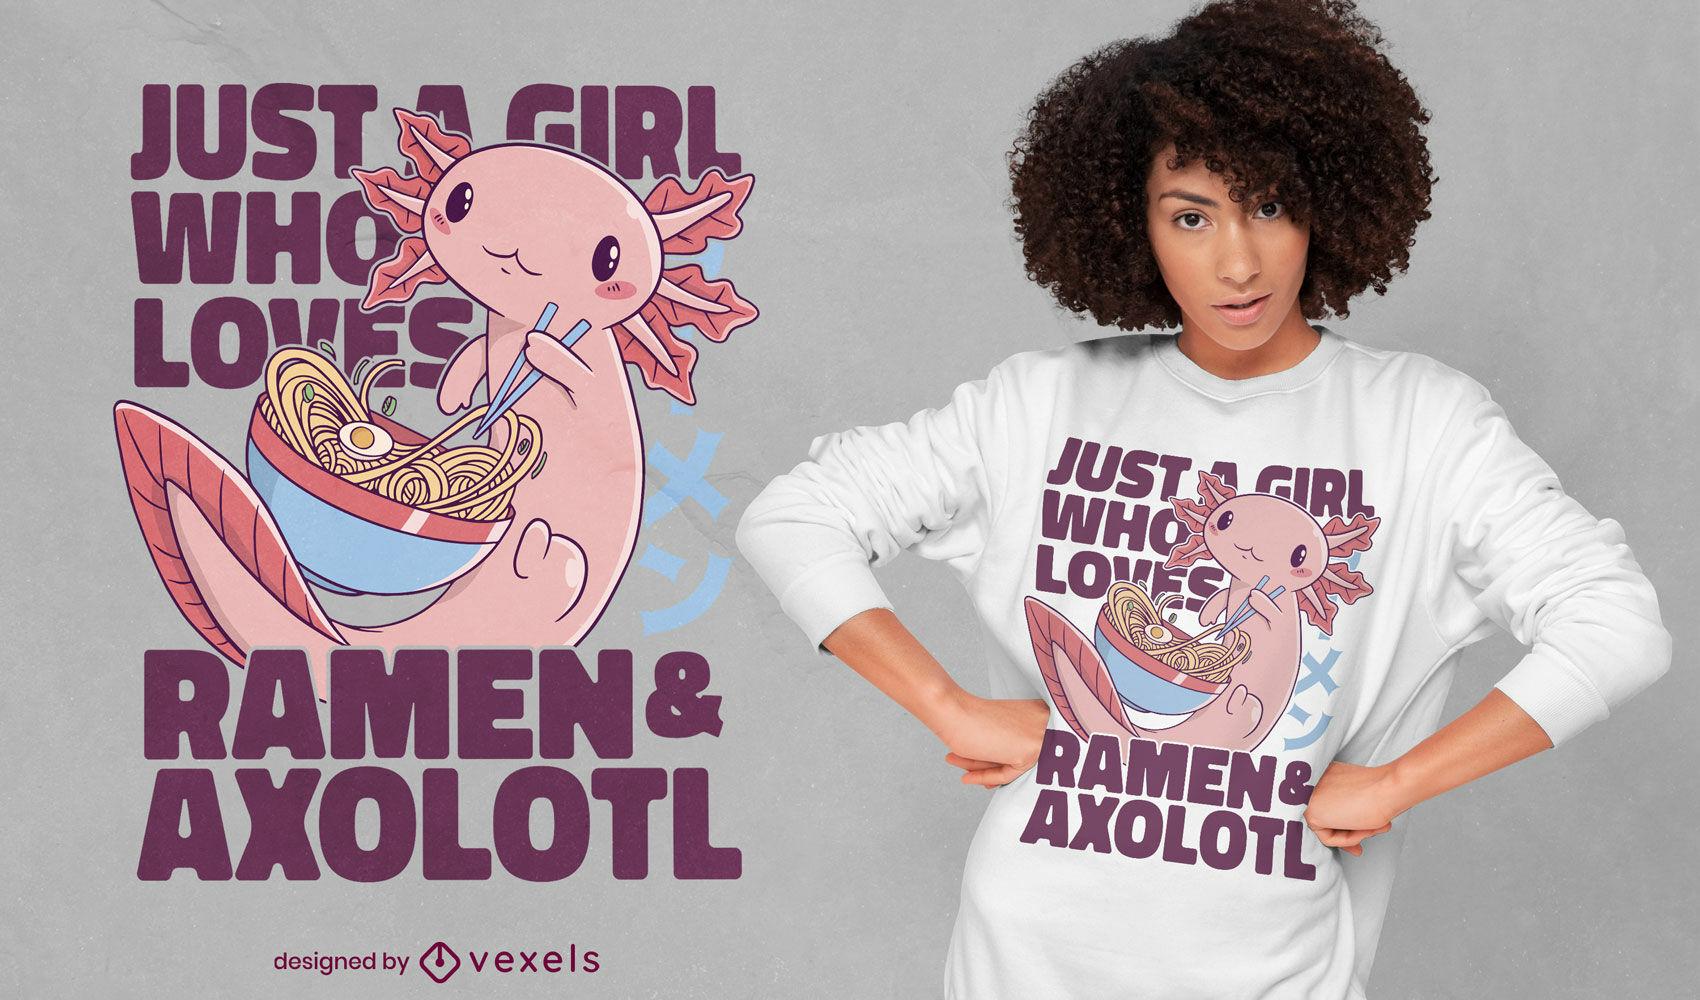 Chica que ama el dise?o de camisetas de axolotls y ramen